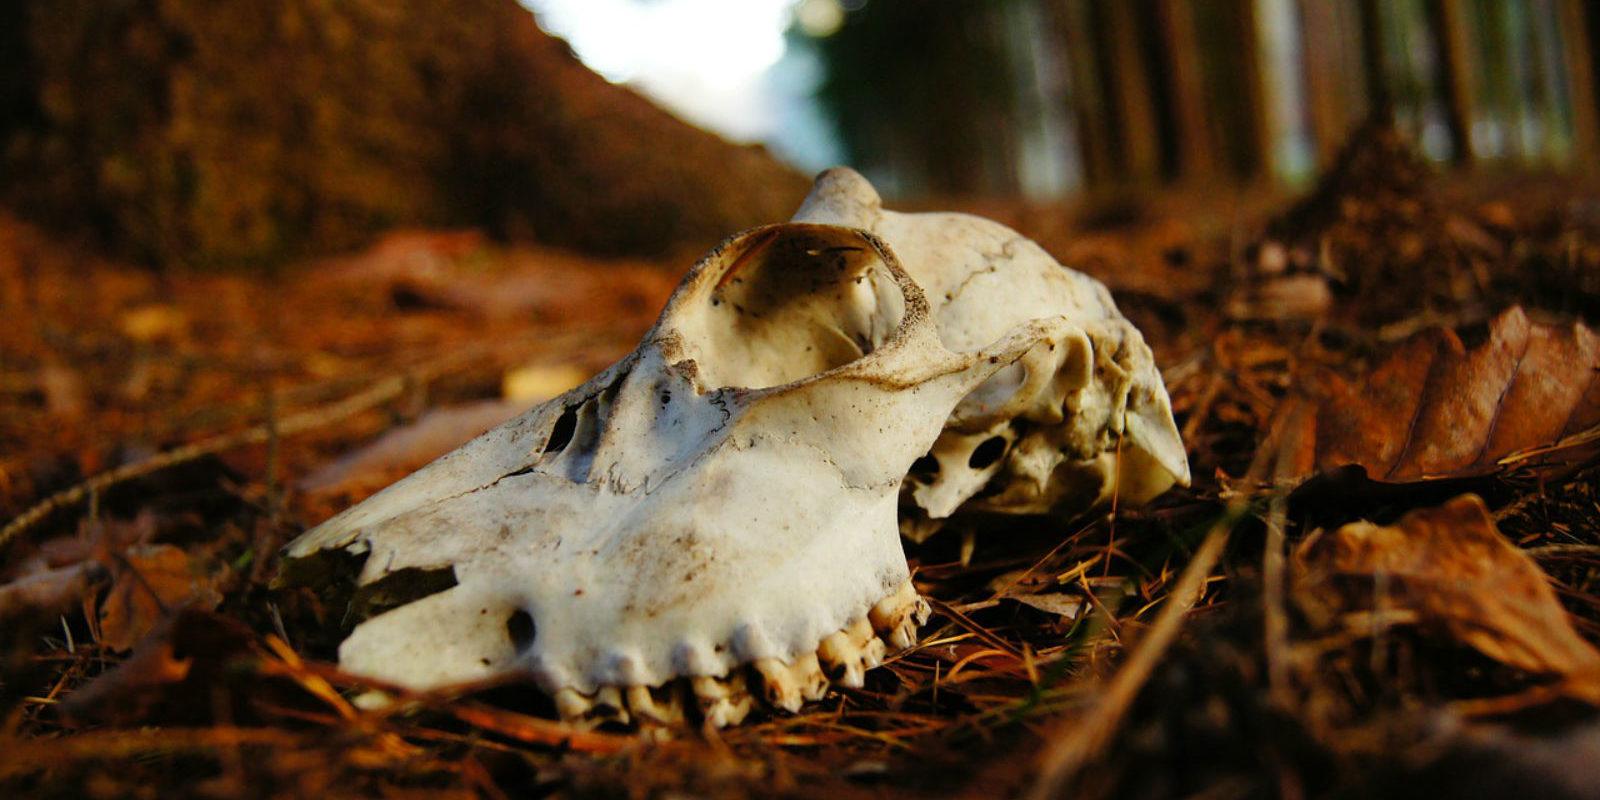 Der Schädel eines totel Rehs. Es könnte der Wilderei zum Opfer gefallen sein.